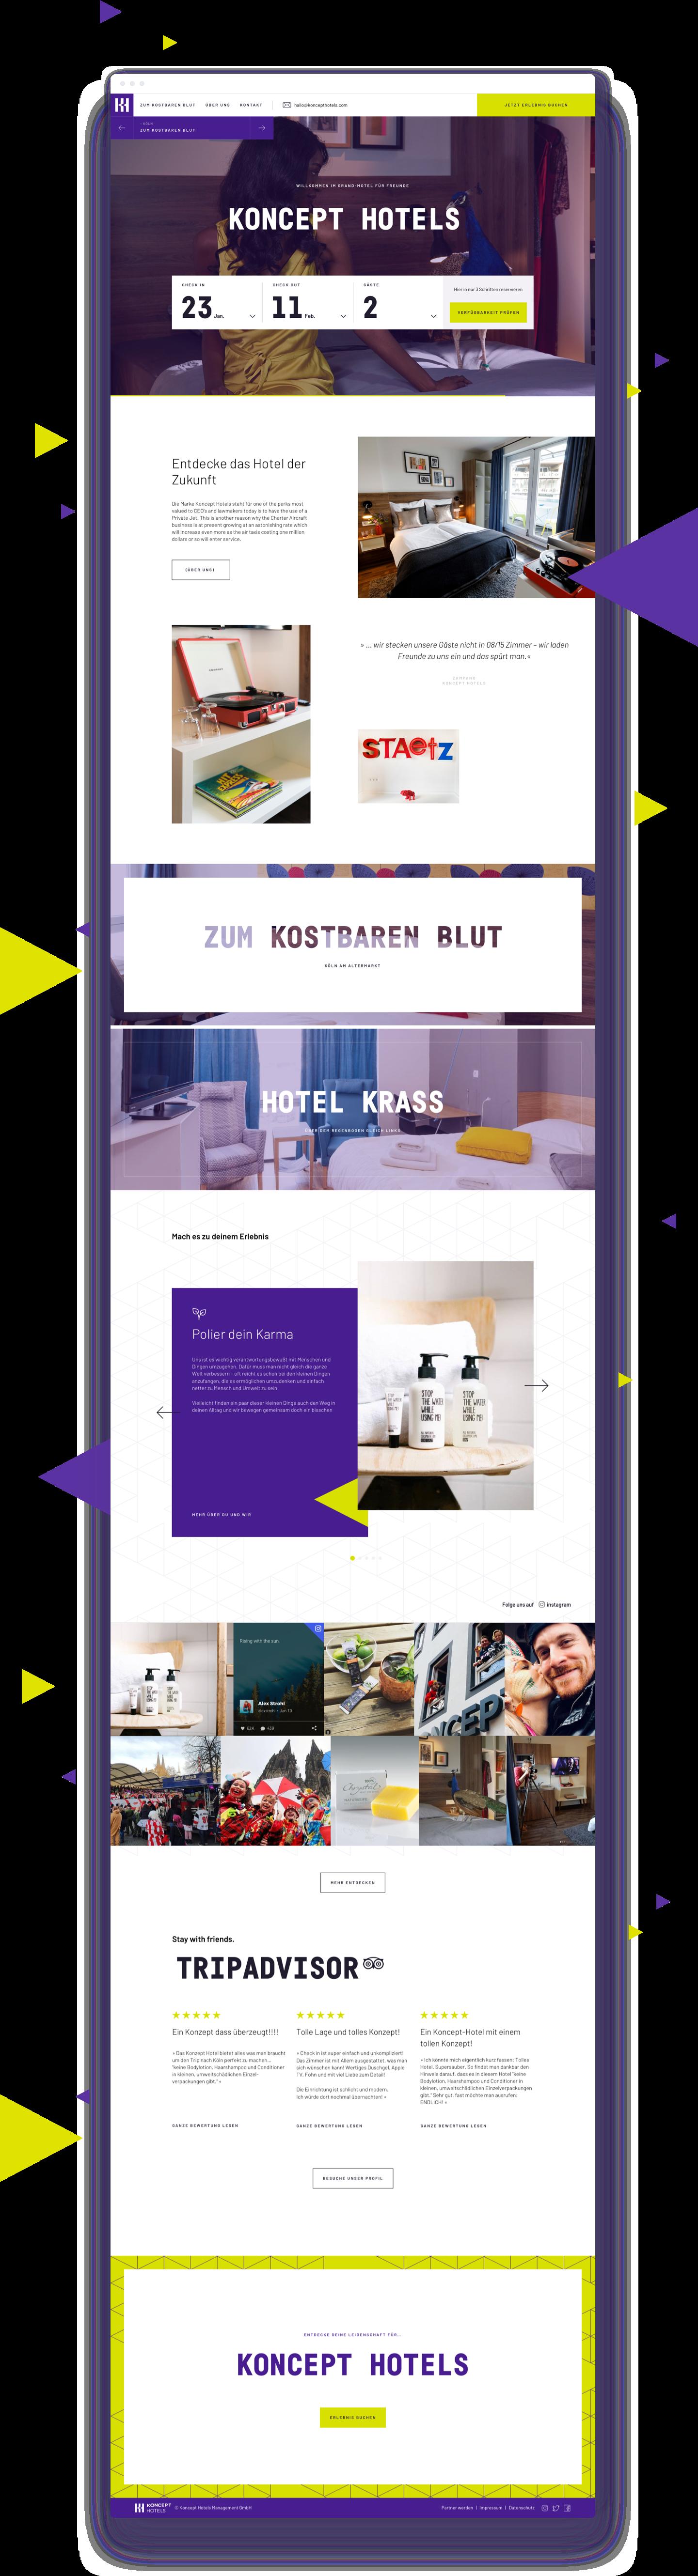 Koncept Hotels Website Design